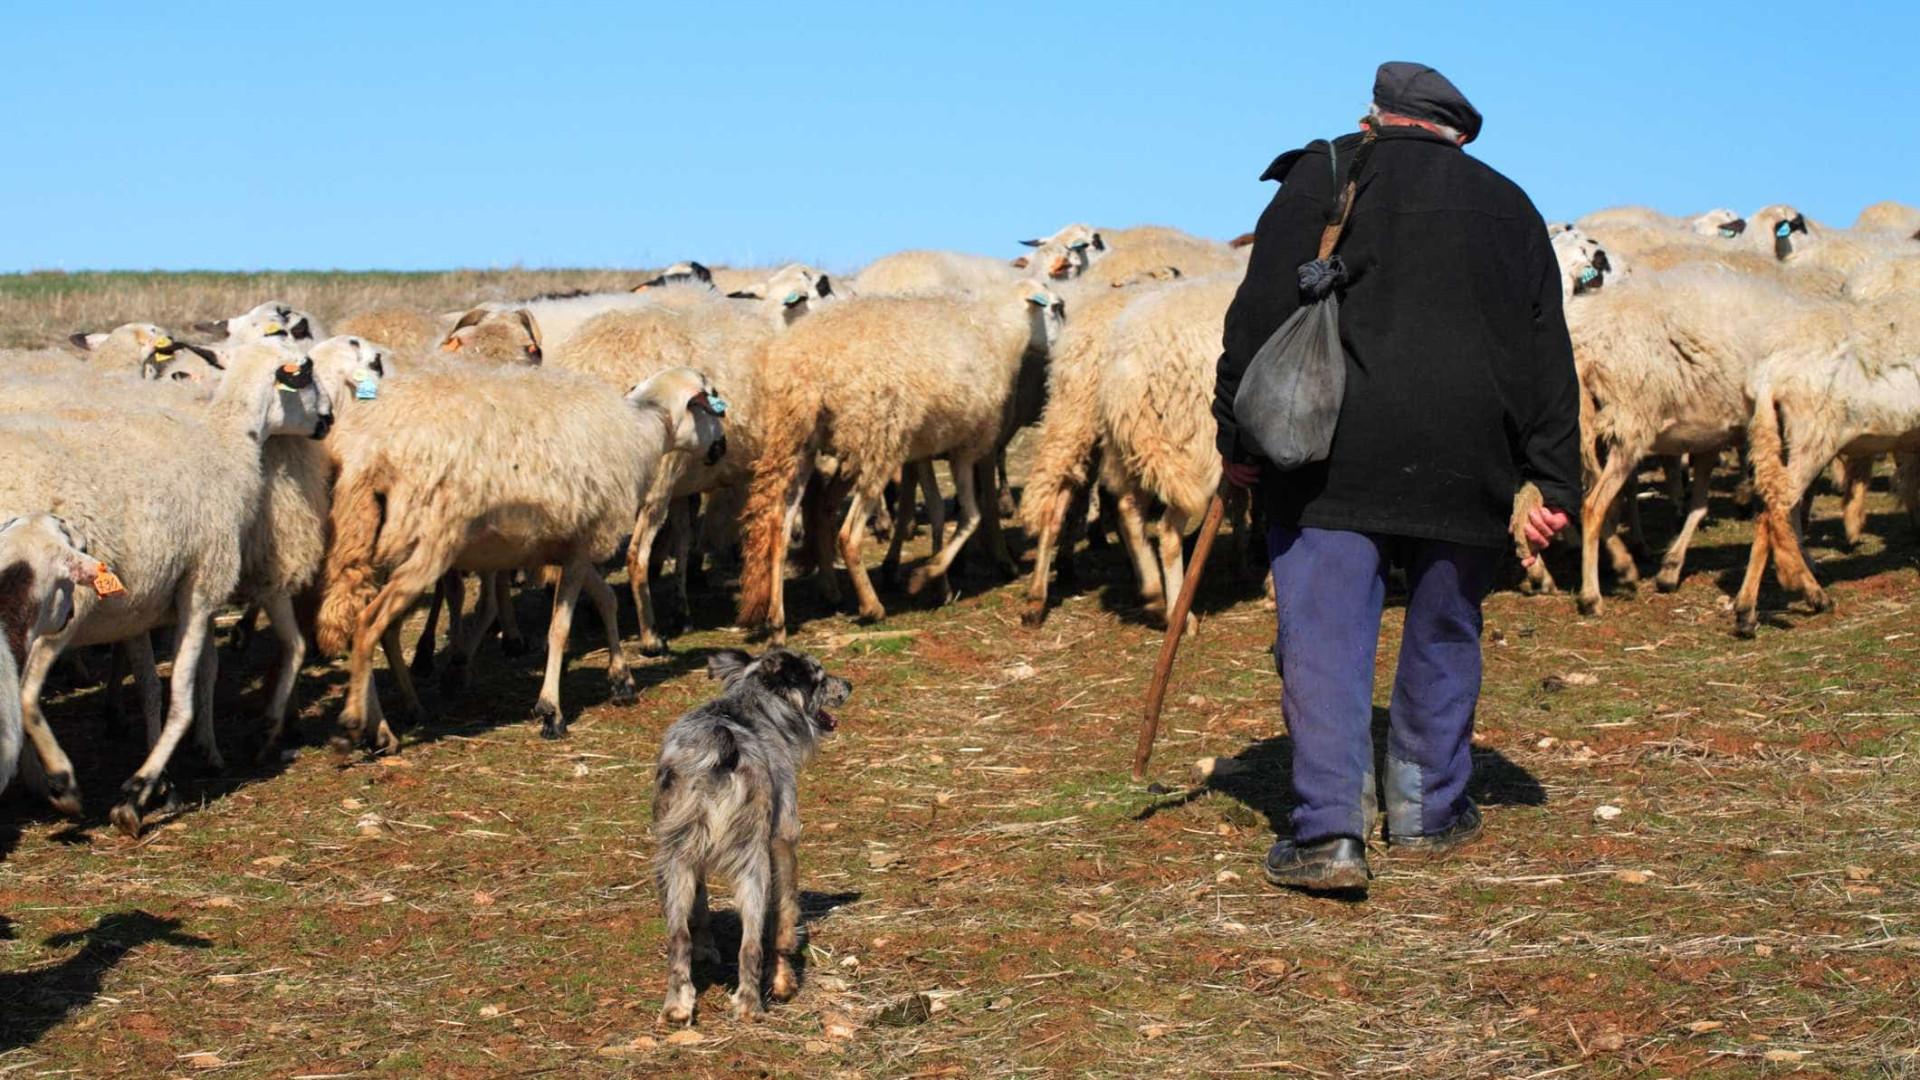 Estreia documentário sobre romaria de pastores da Serra da Estrela